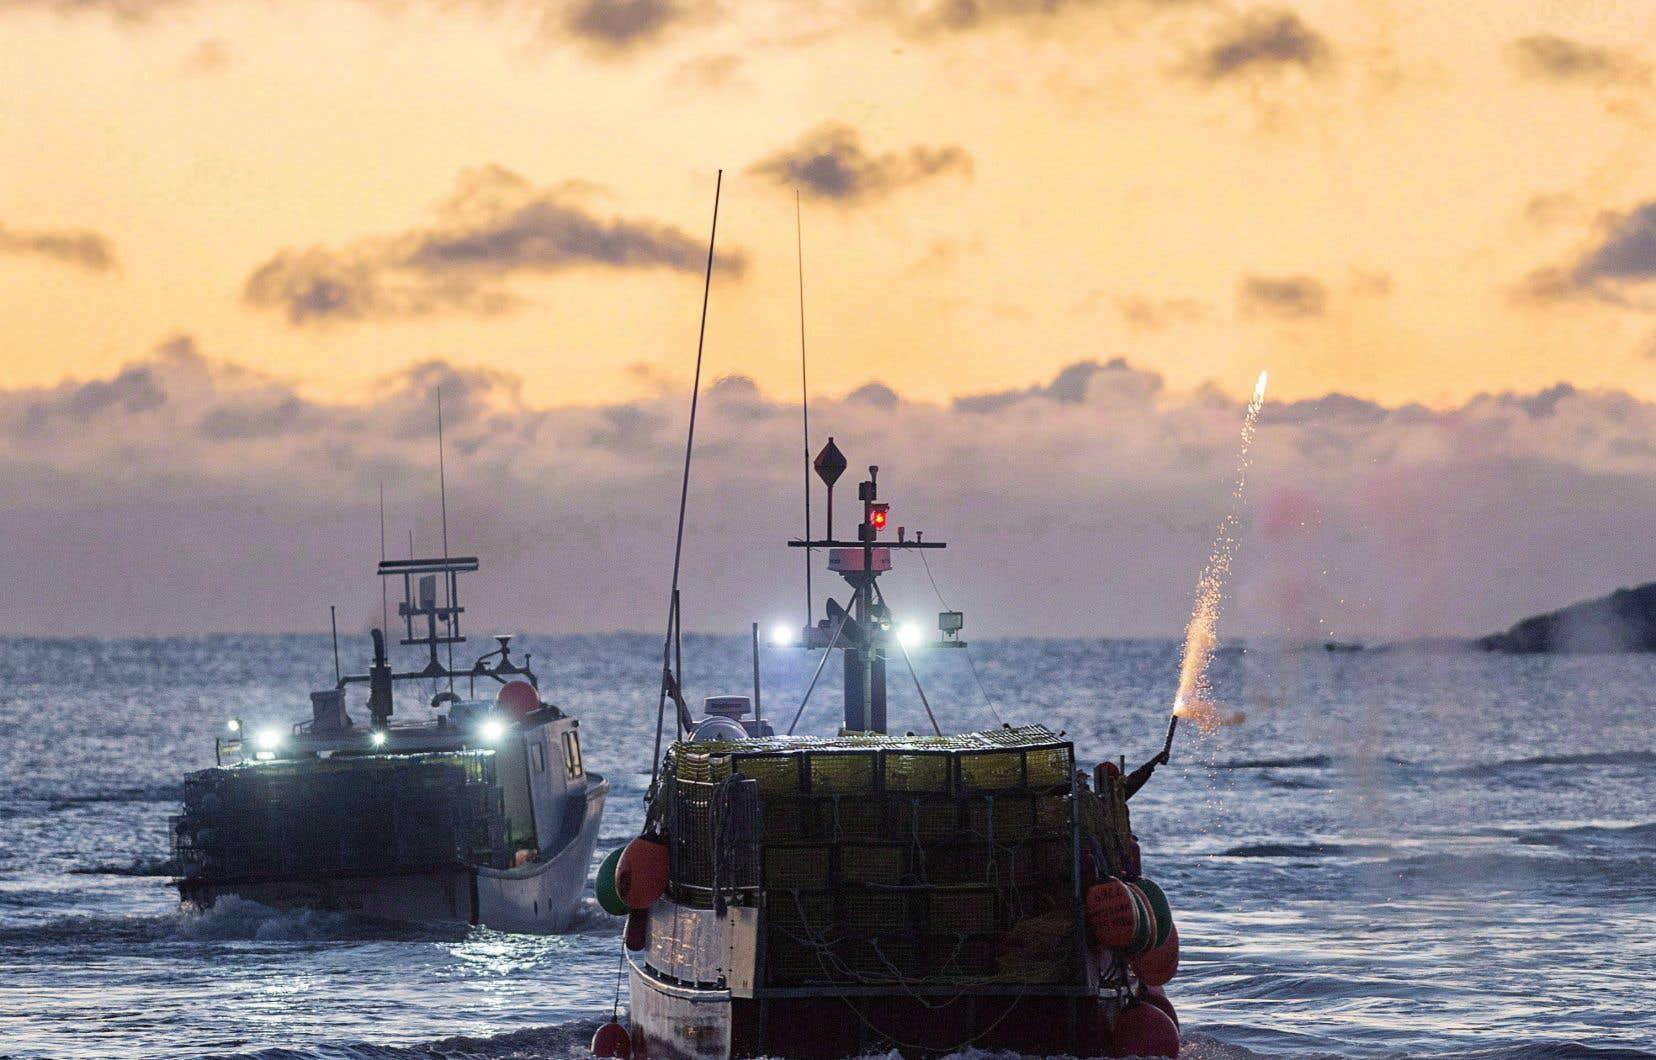 Des bateaux de pêche partent de West Dover, en Nouvelle-Écosse, le 28 novembre 2017.